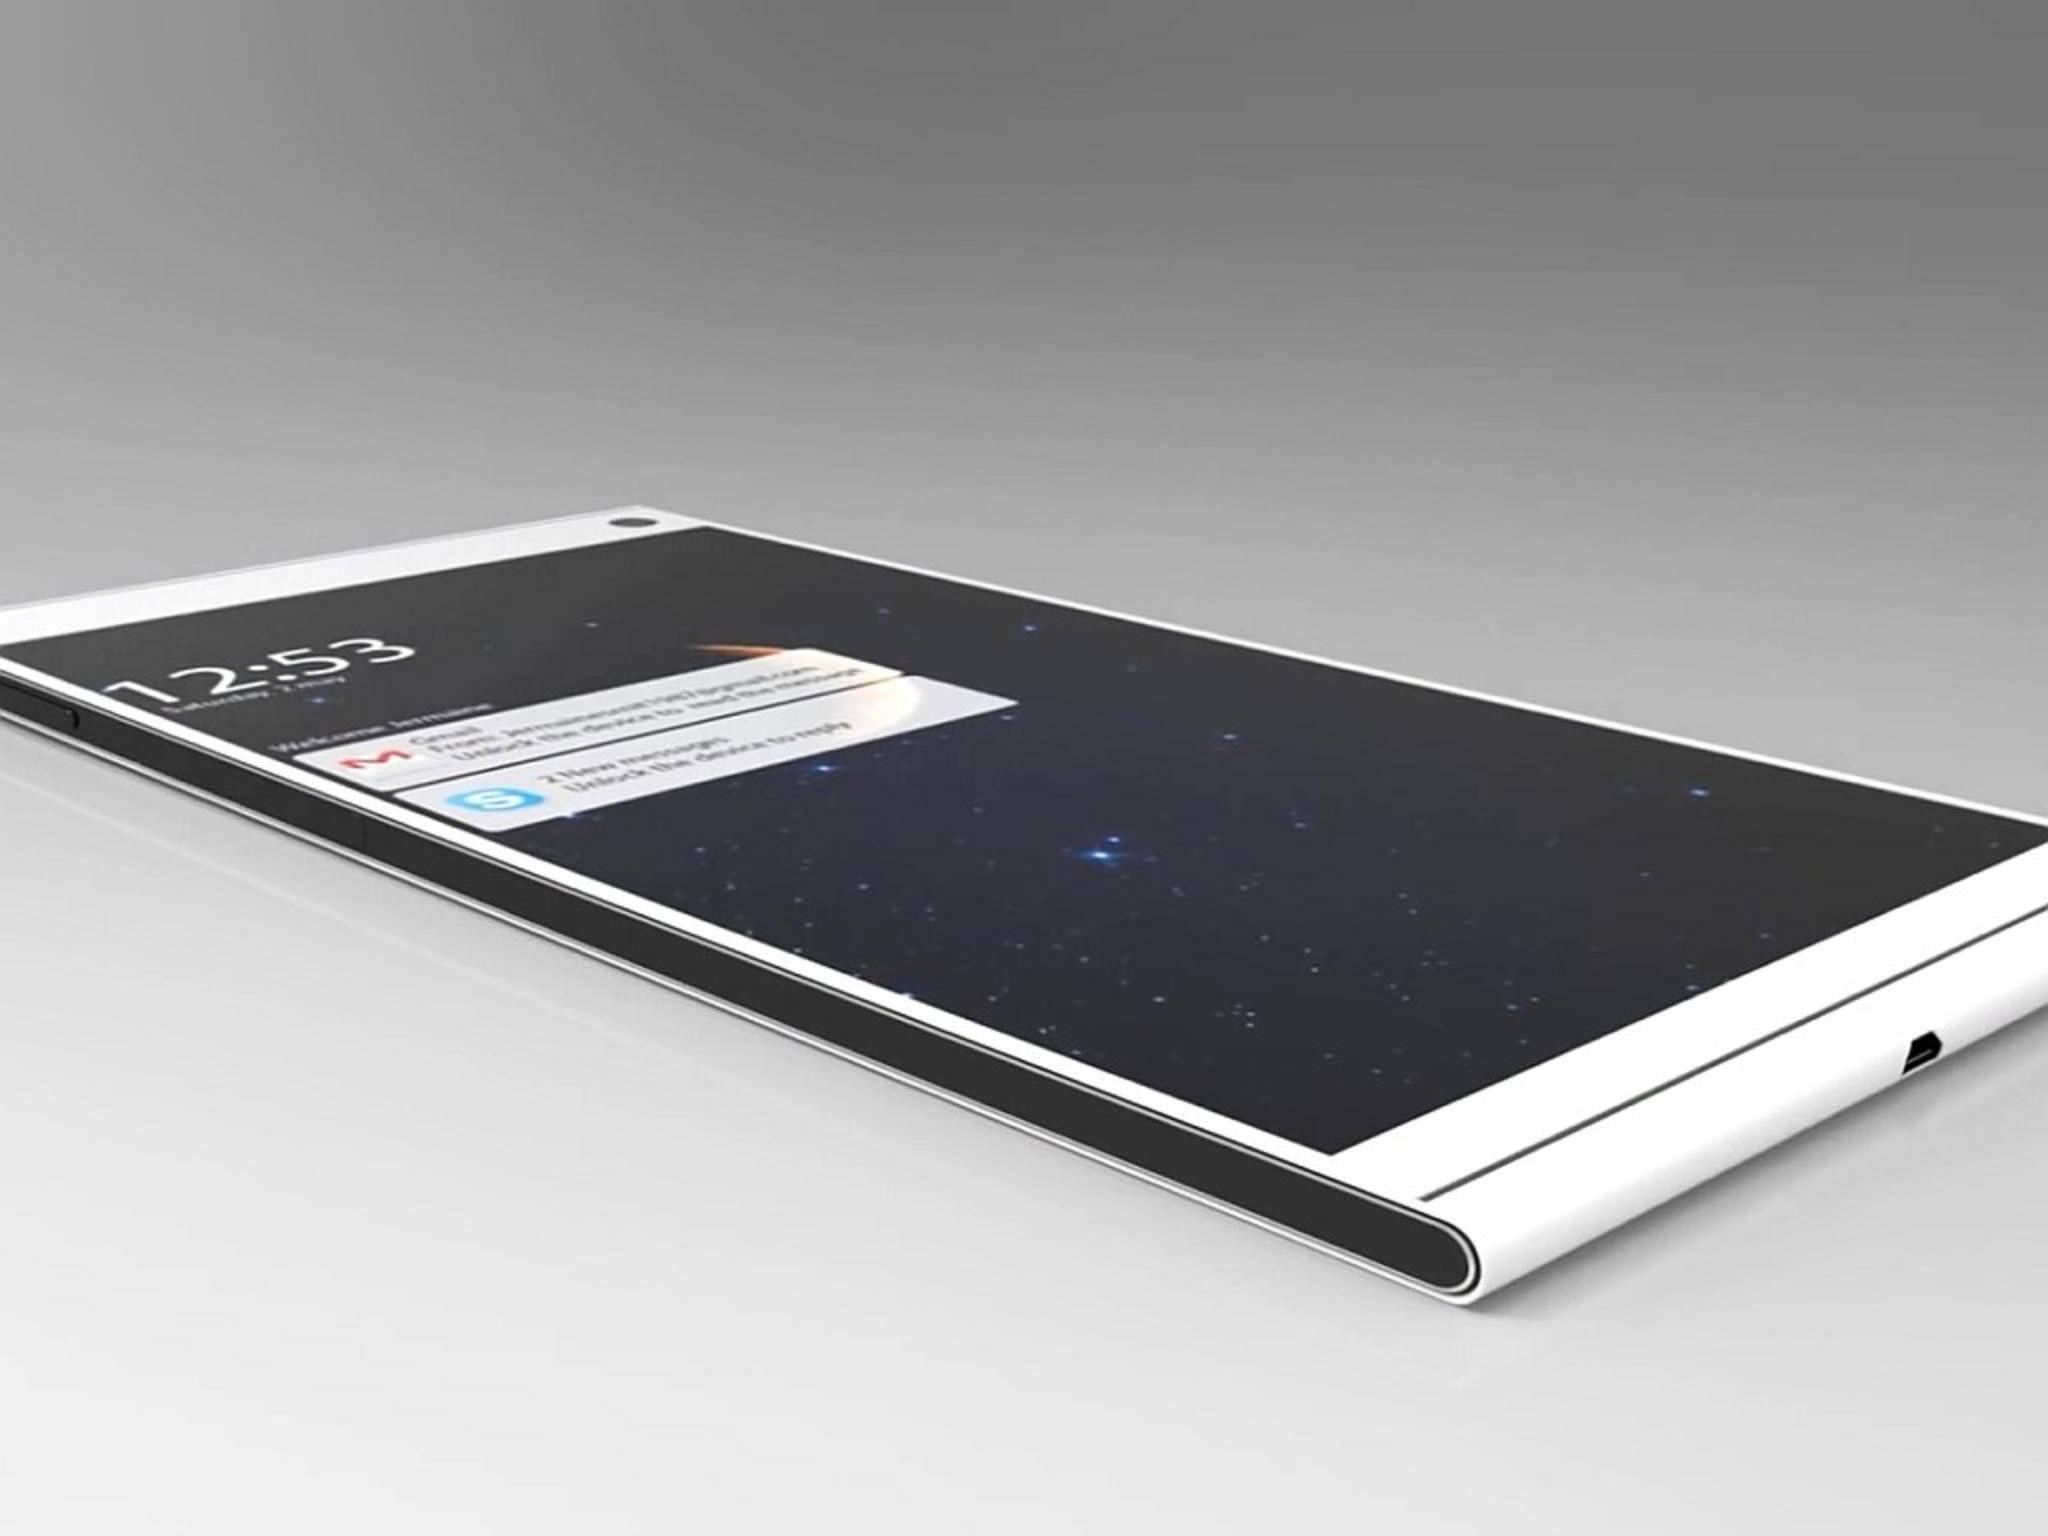 Wie das Xperia Z4 tatsächlich aussehen wird, zeigt sich wohl erst im Sommer.